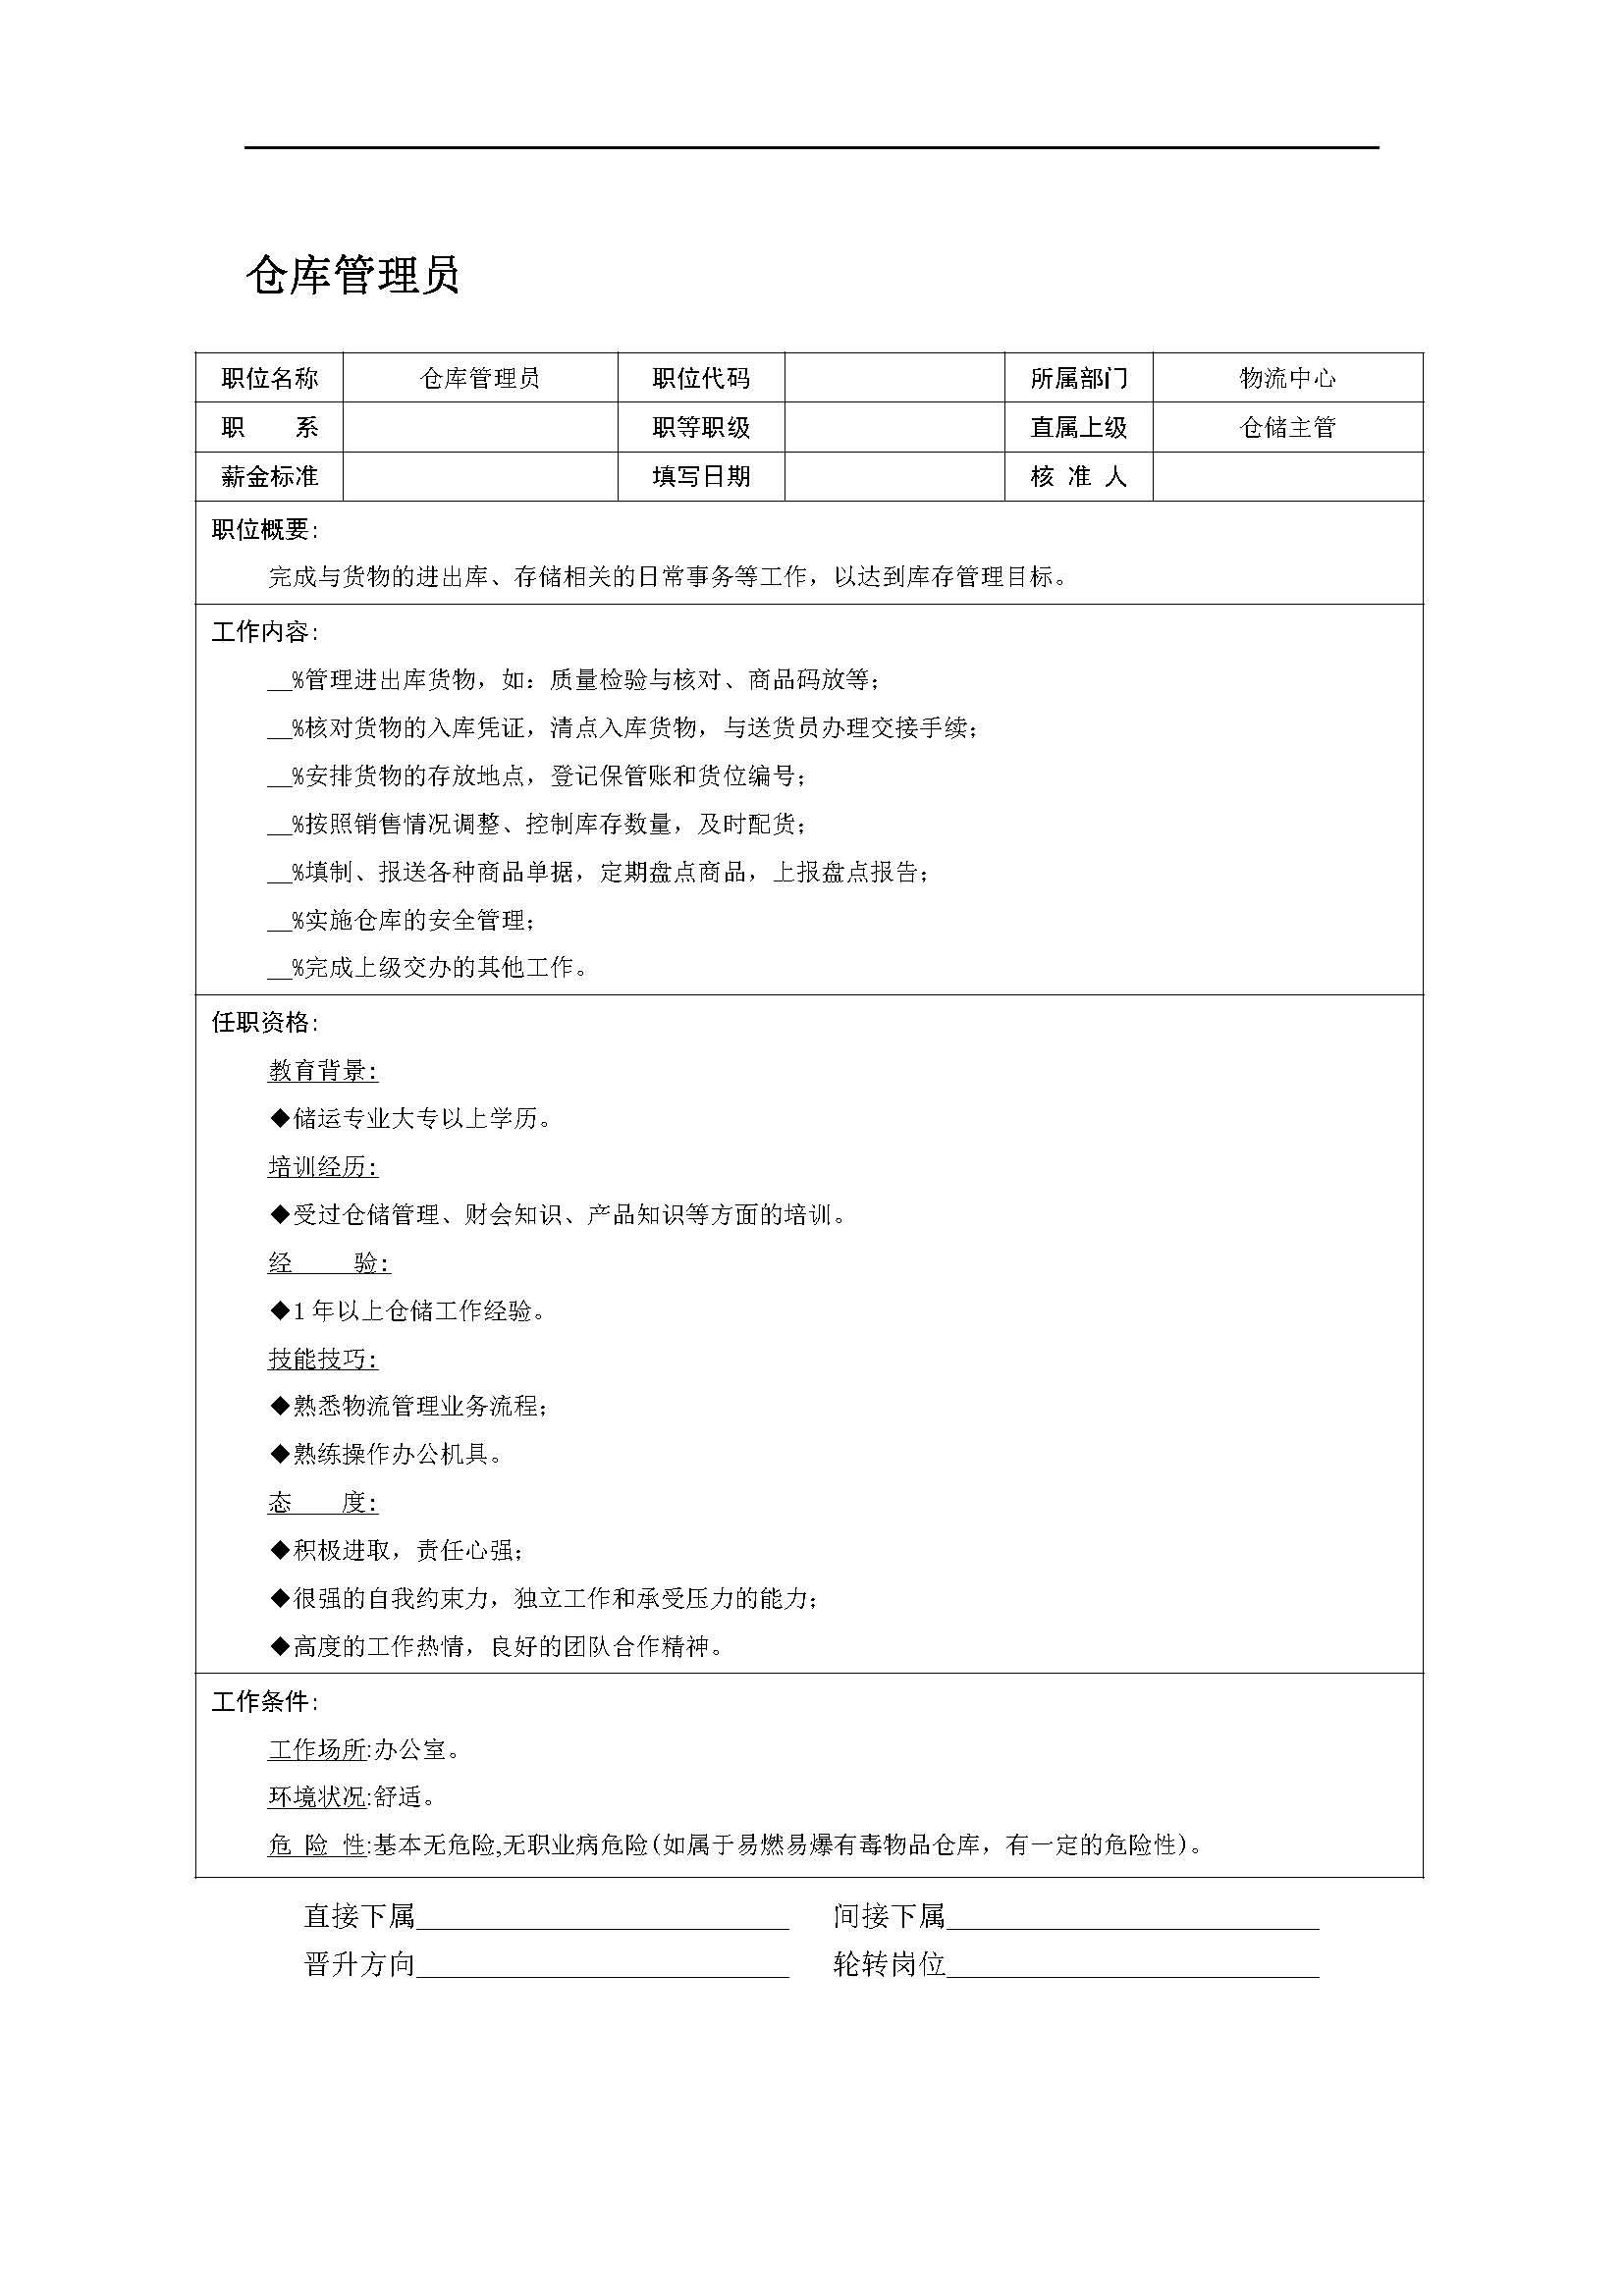 职位说明书-仓库管理员.jpg